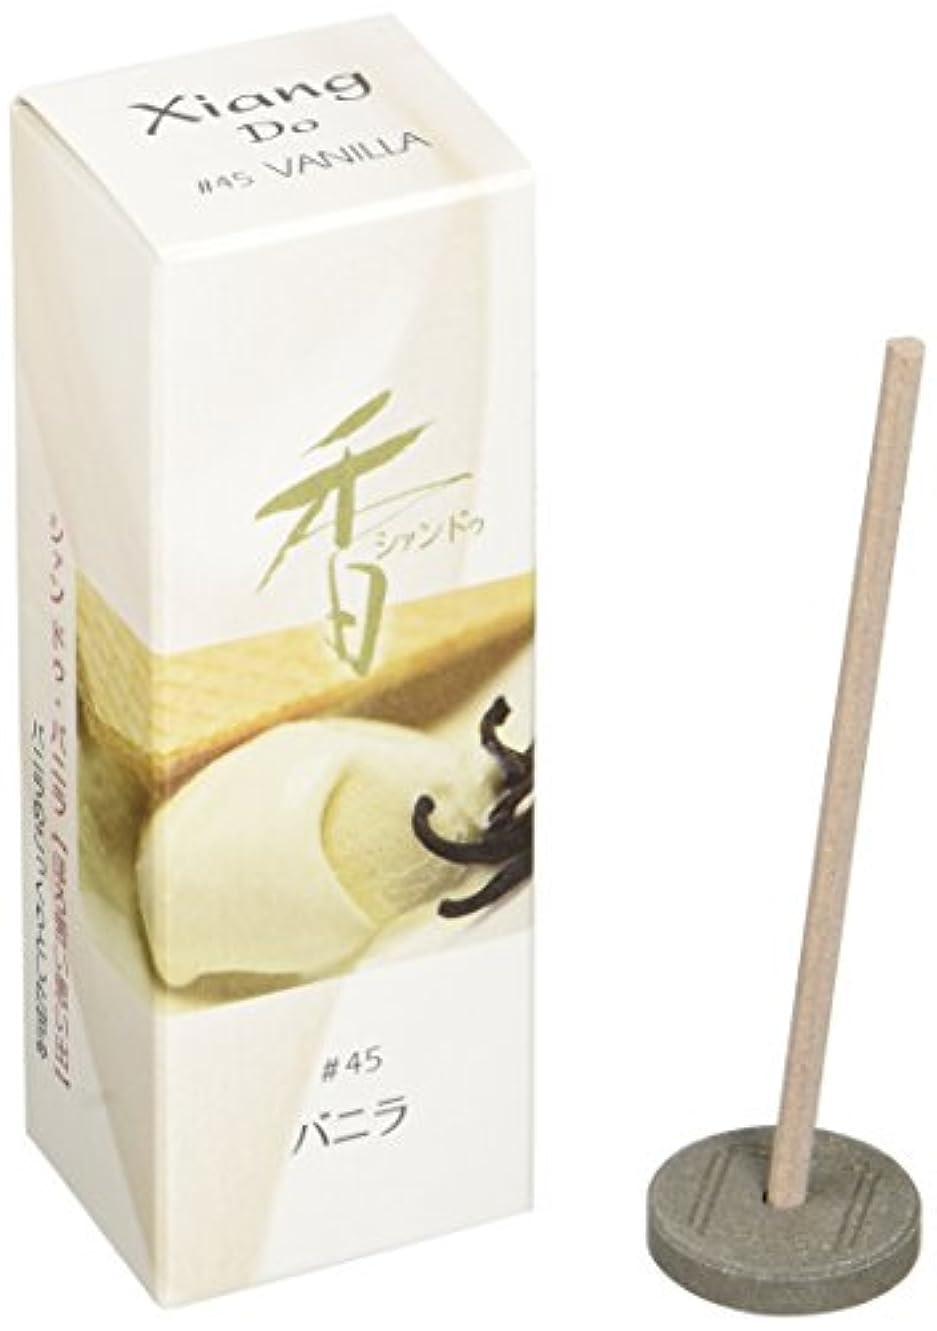 ゼリー協会ディプロマ松栄堂のお香 Xiang Do(シャンドゥ) バニラ ST20本入 簡易香立付 #214245